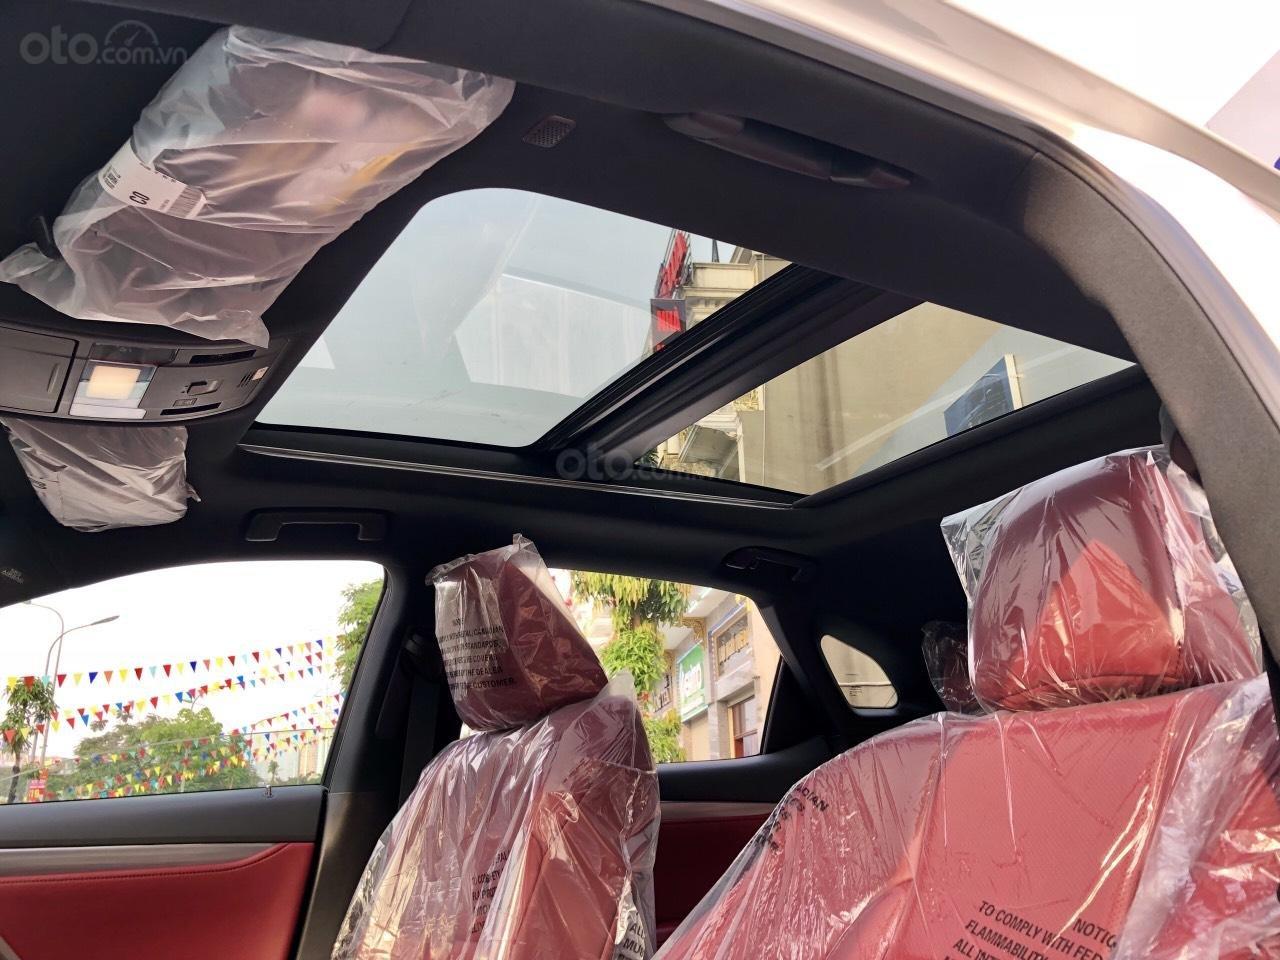 Bán Lexus RX Fsport sản xuất năm 2019, xe nhập Mỹ LH 0945.39.2468 Ms Hương (13)